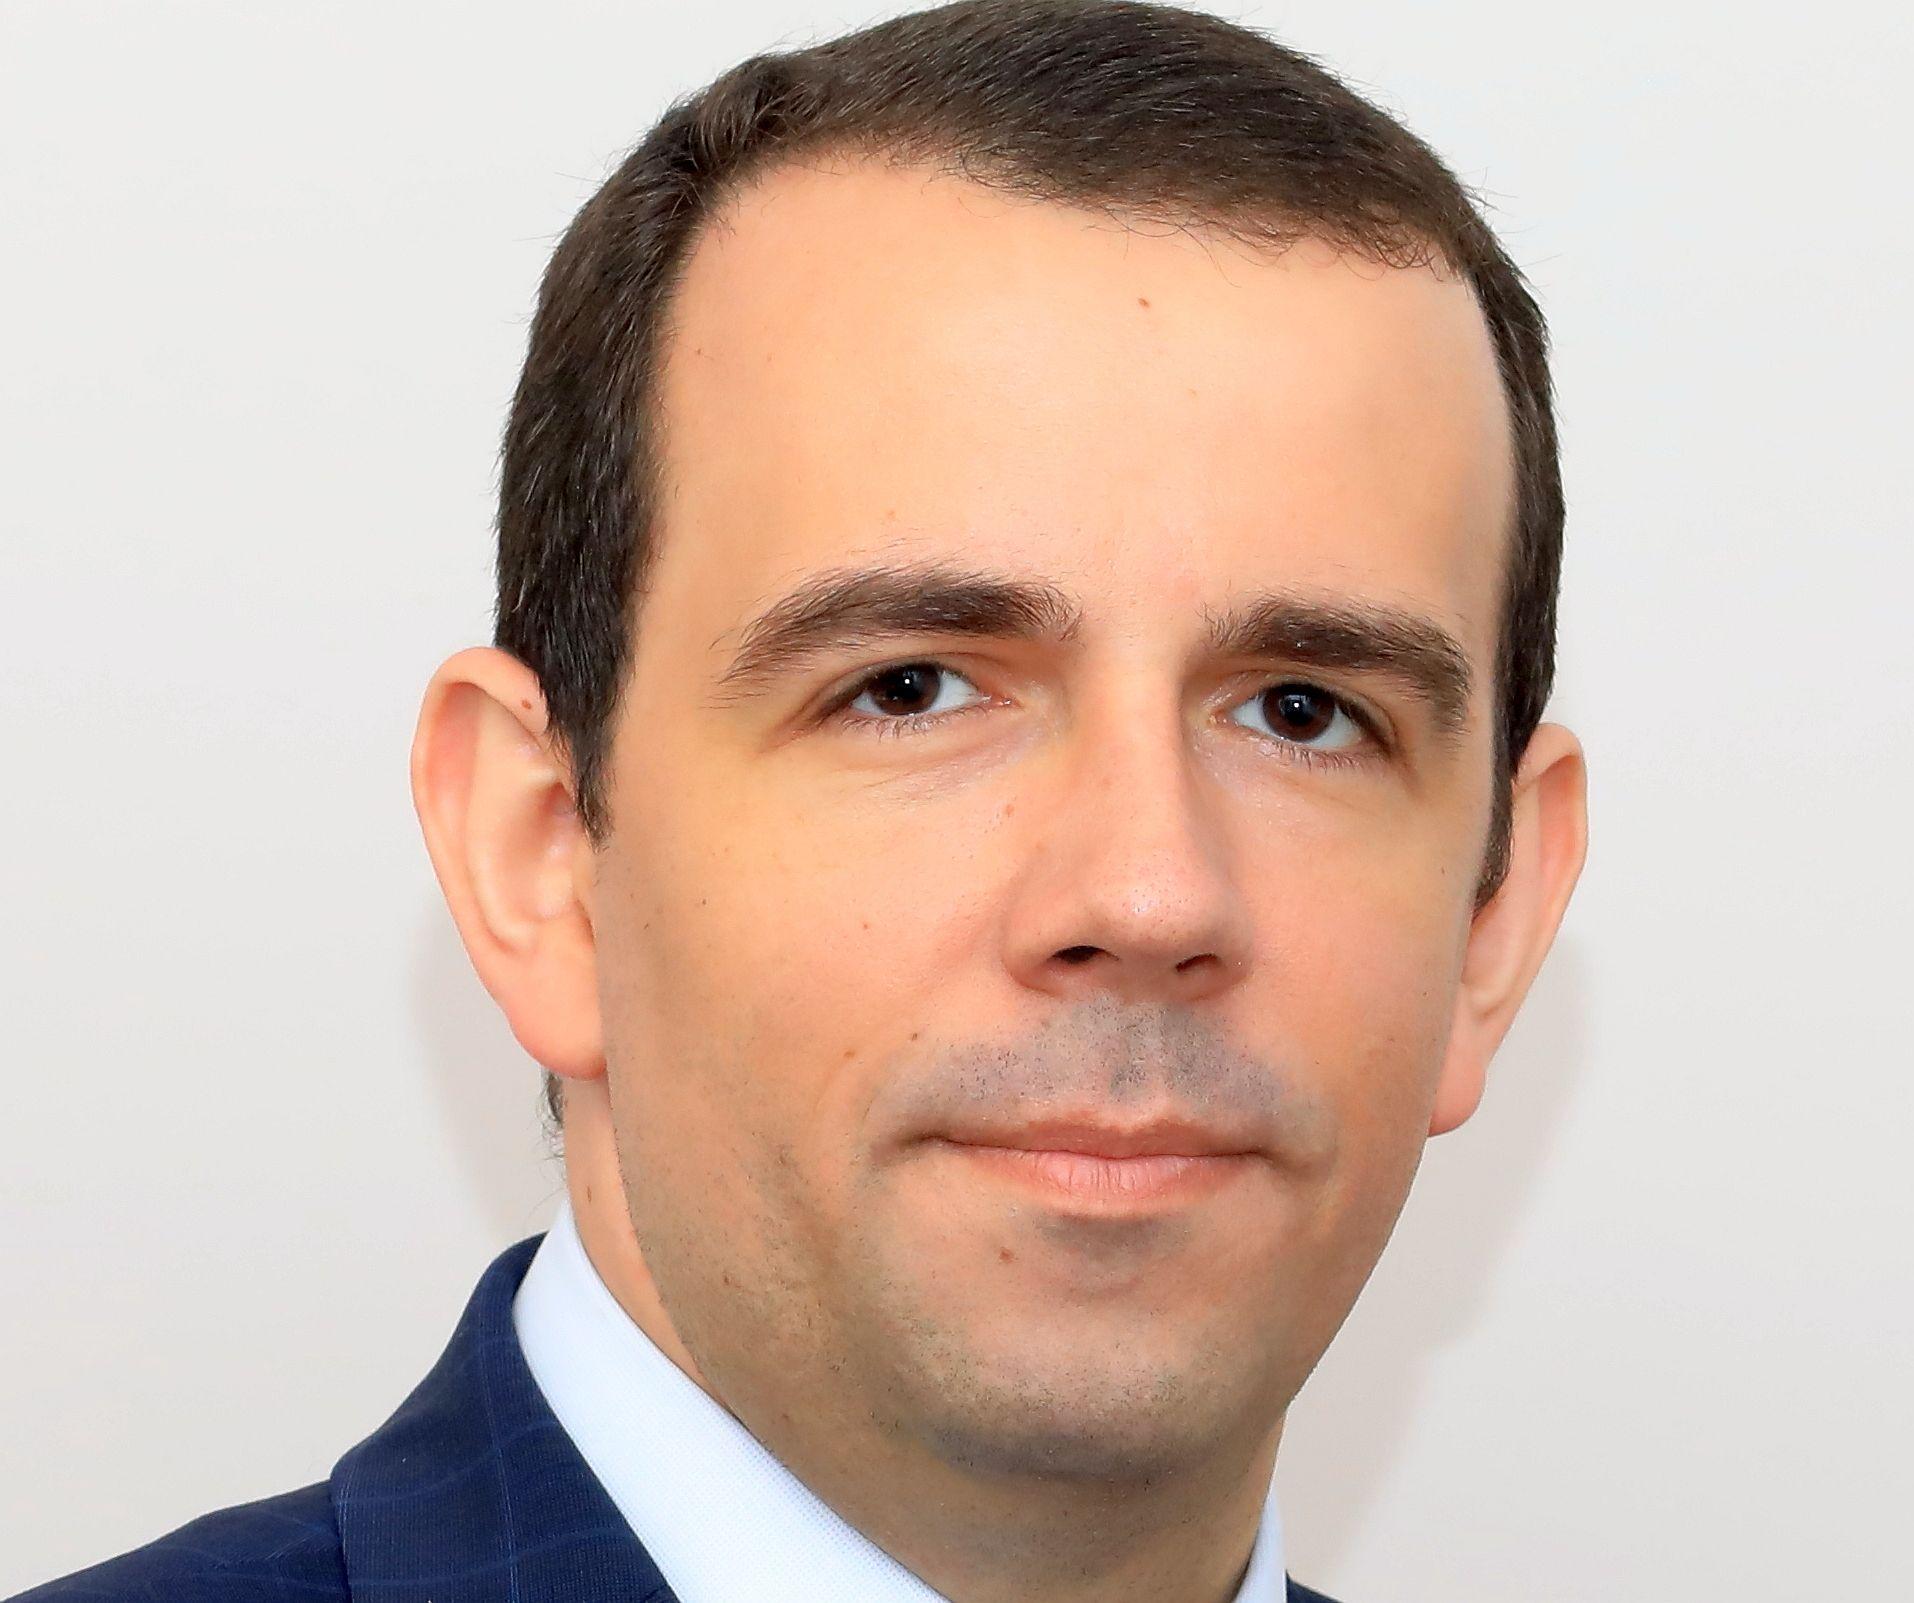 Avocatul Răzvan Pele – partener al casei de avocatură Maravela|Asociații